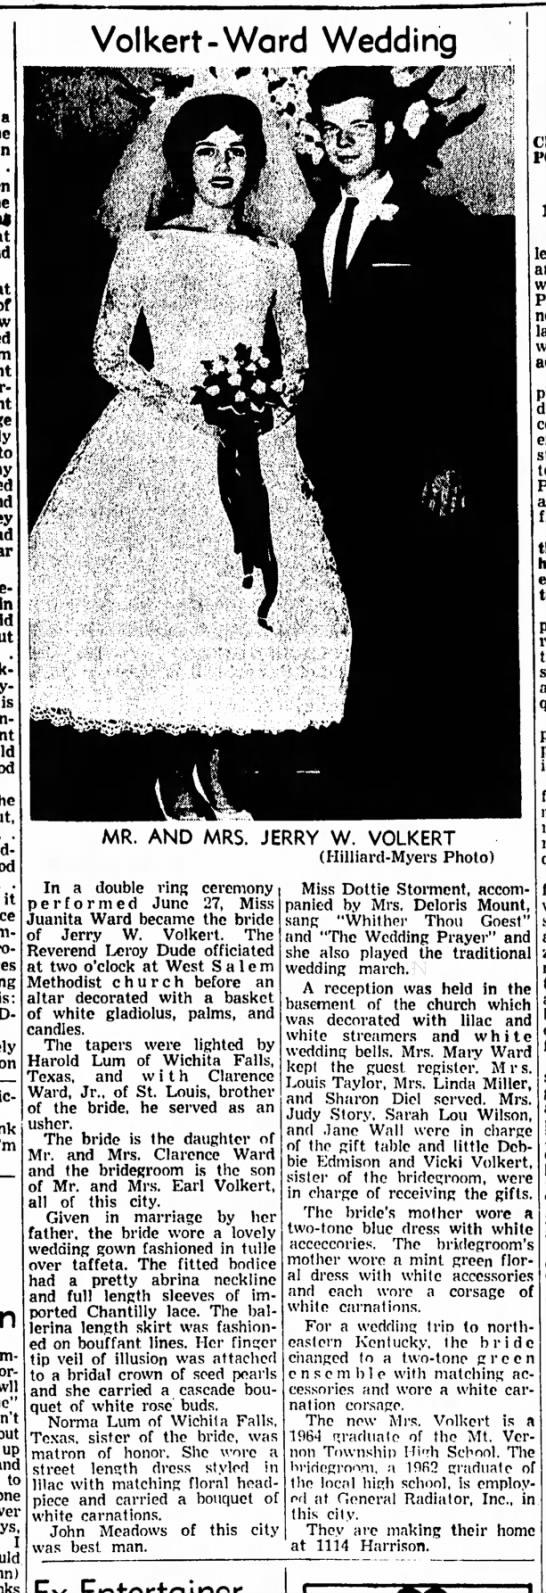 Volkert Ward wedding 1964 -